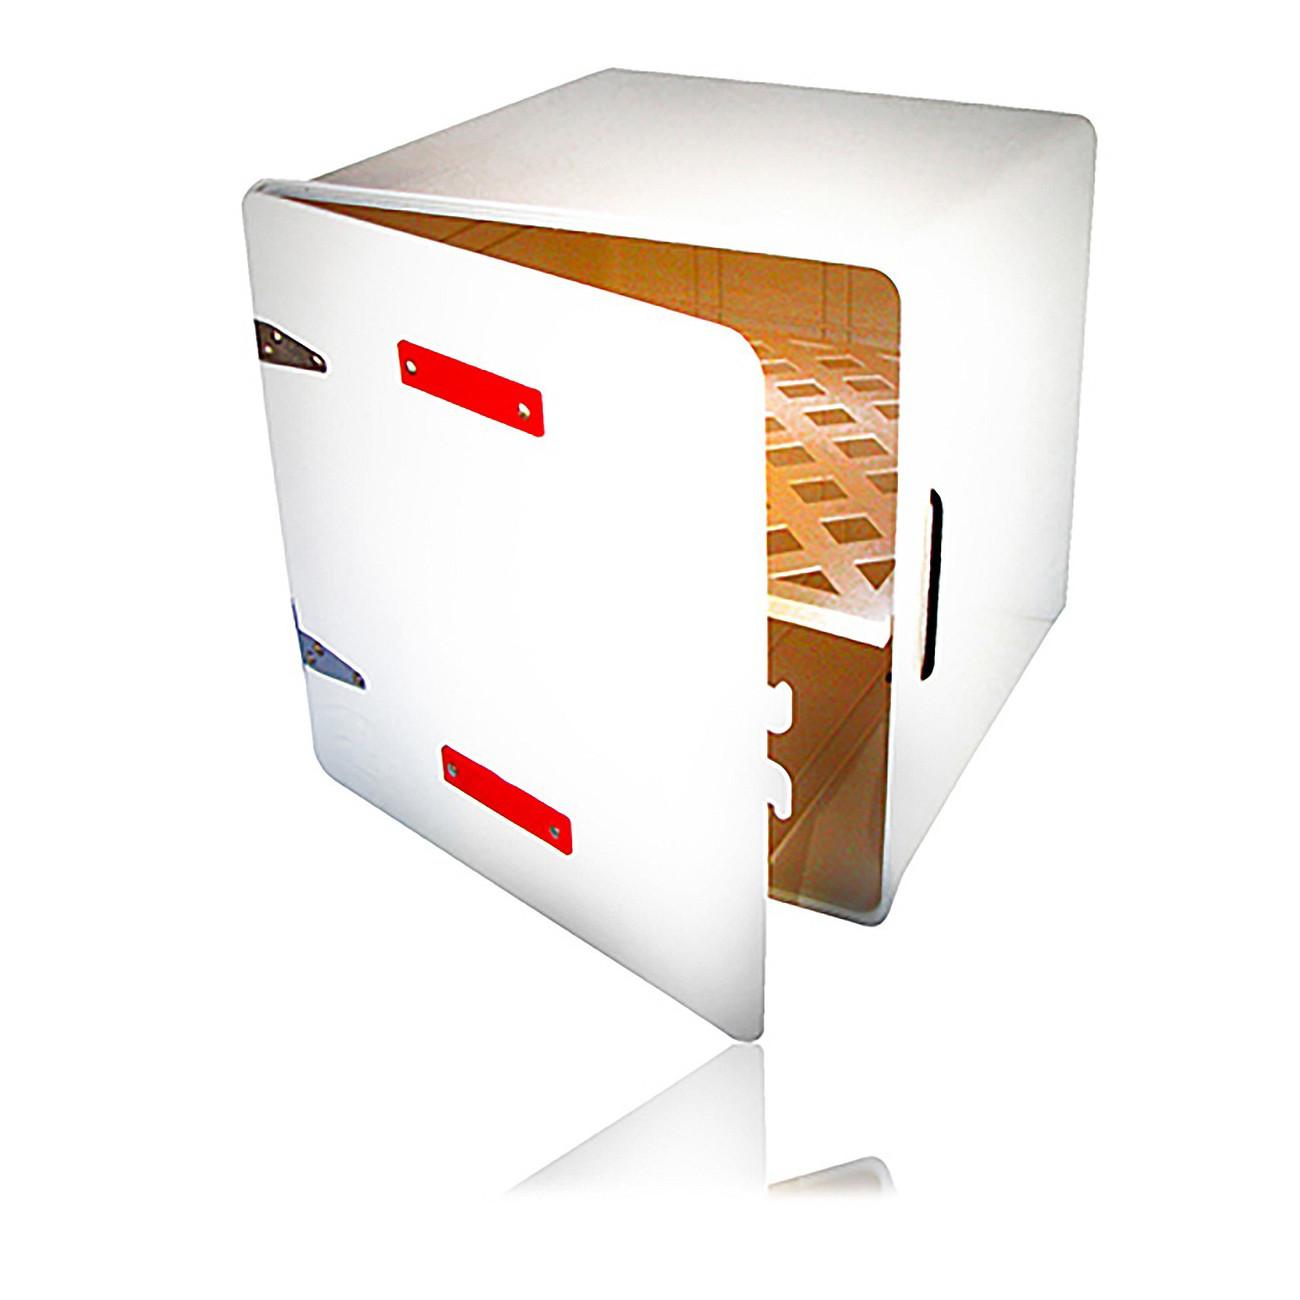 Caja Delivery Pizzera Blanca con Estante Doble Ojo de Gato VC